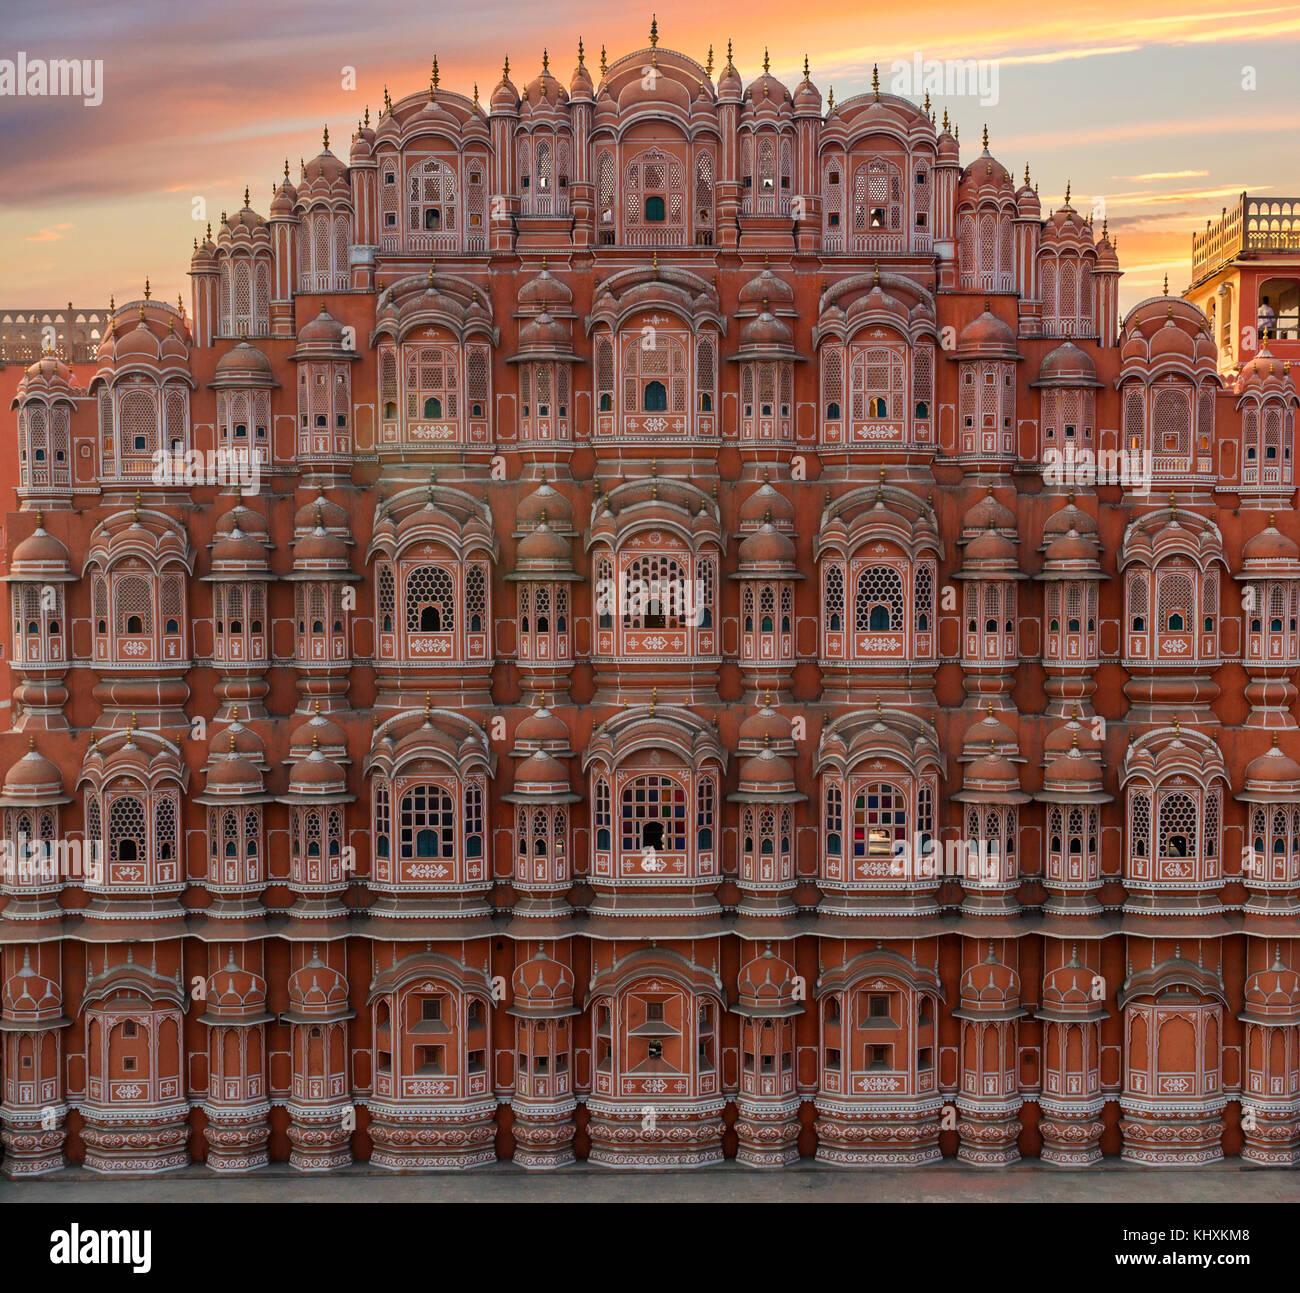 Einen herrlichen Blick auf den Sonnenuntergang in Jaipur, Hawa Mahal, Indien Stockbild